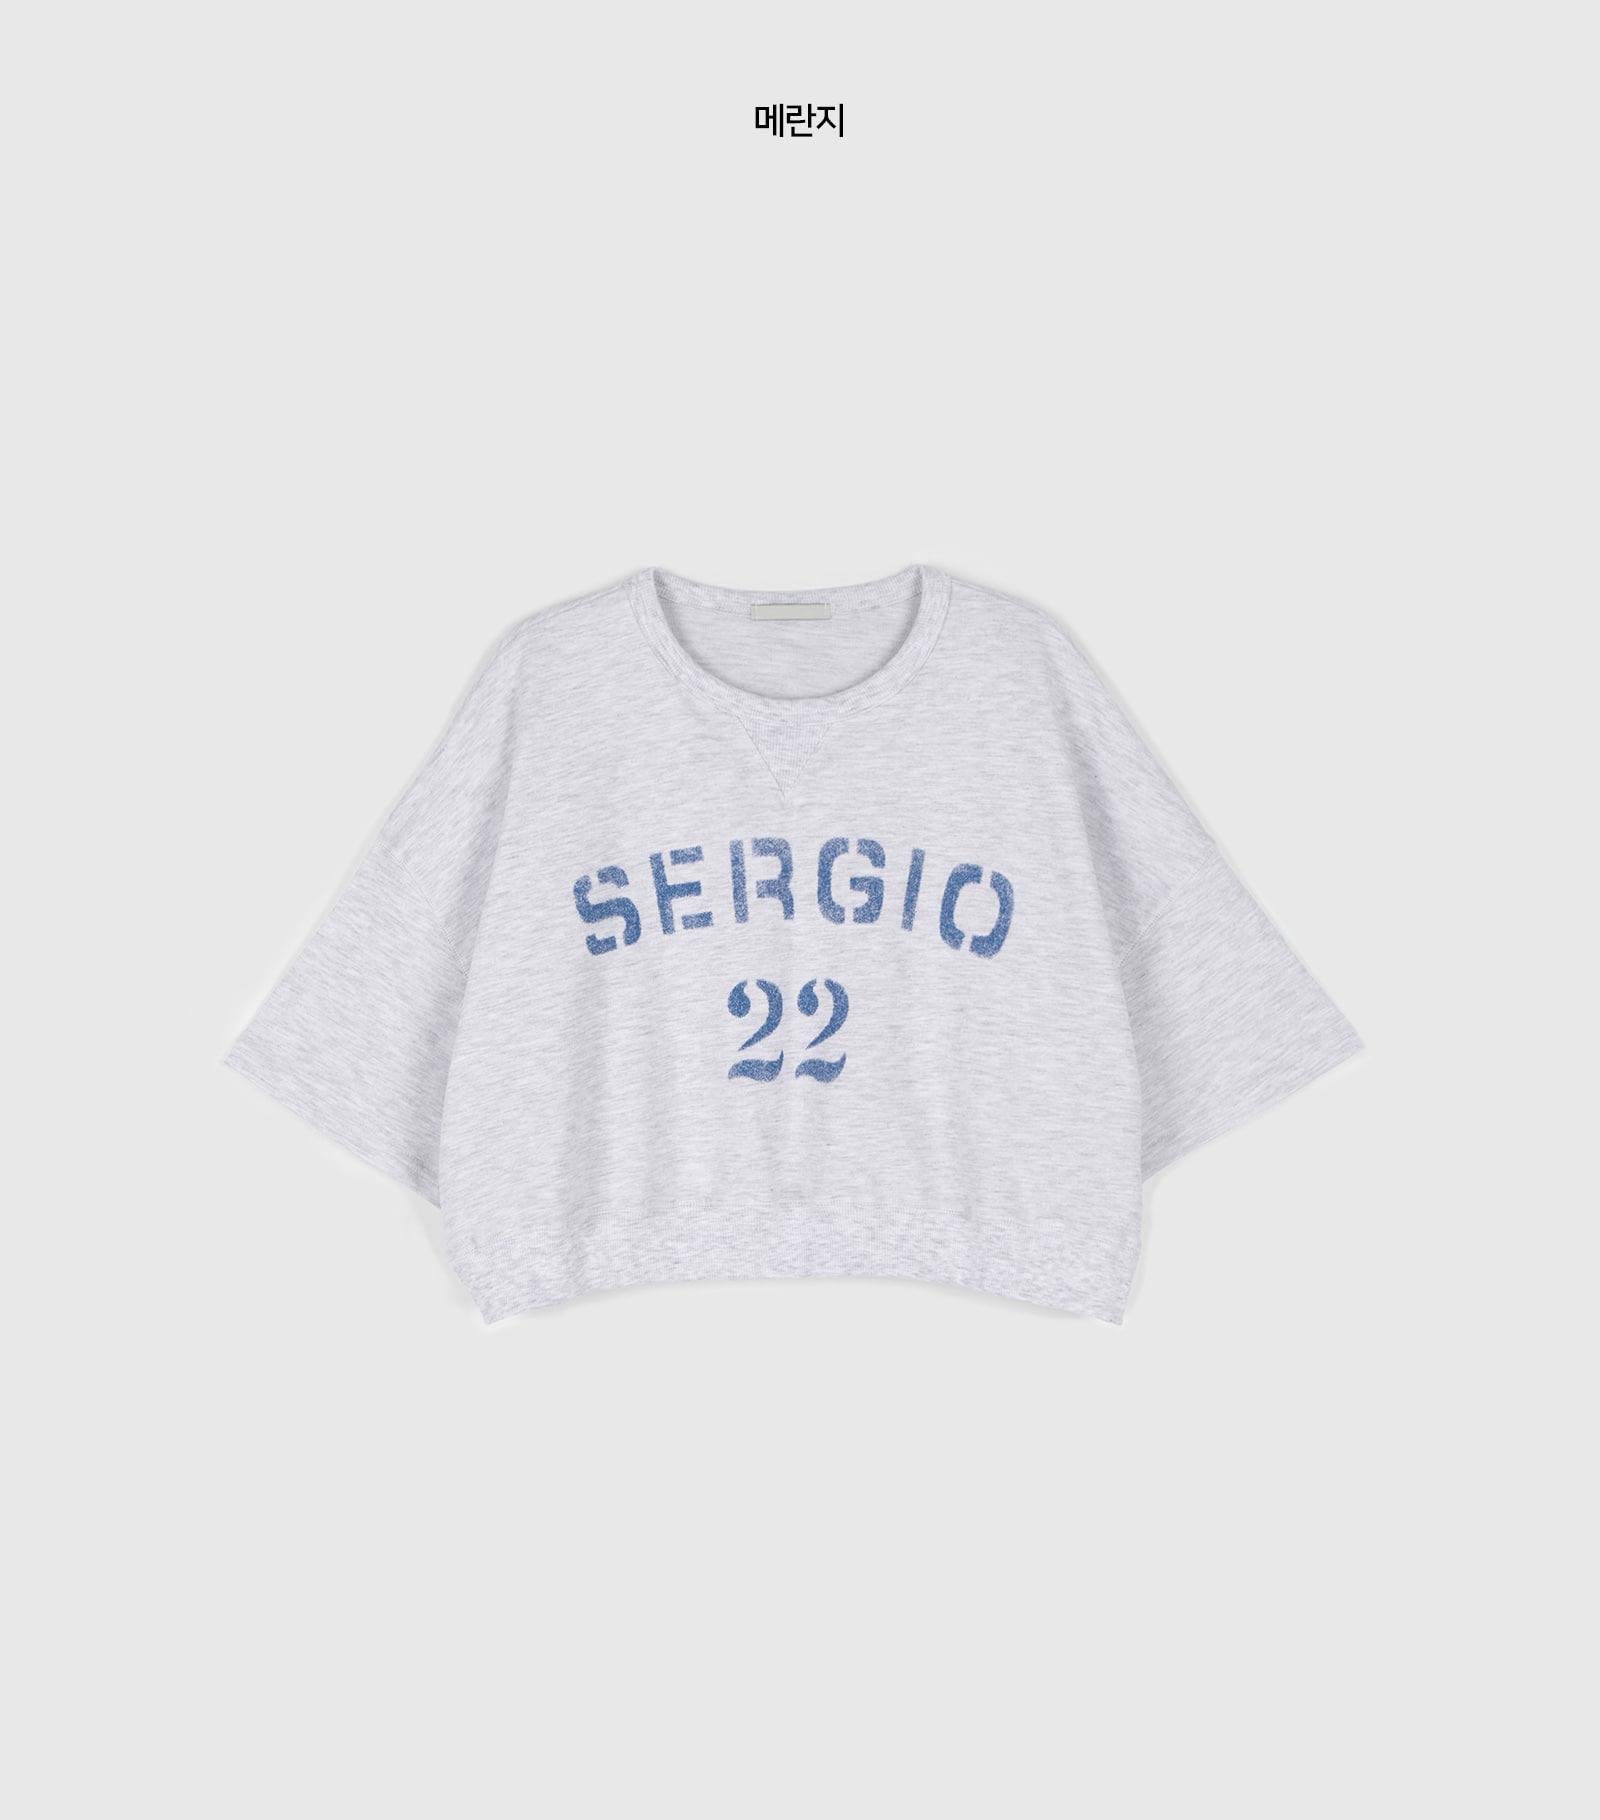 Ten-ten over half-man to man sweatshirt